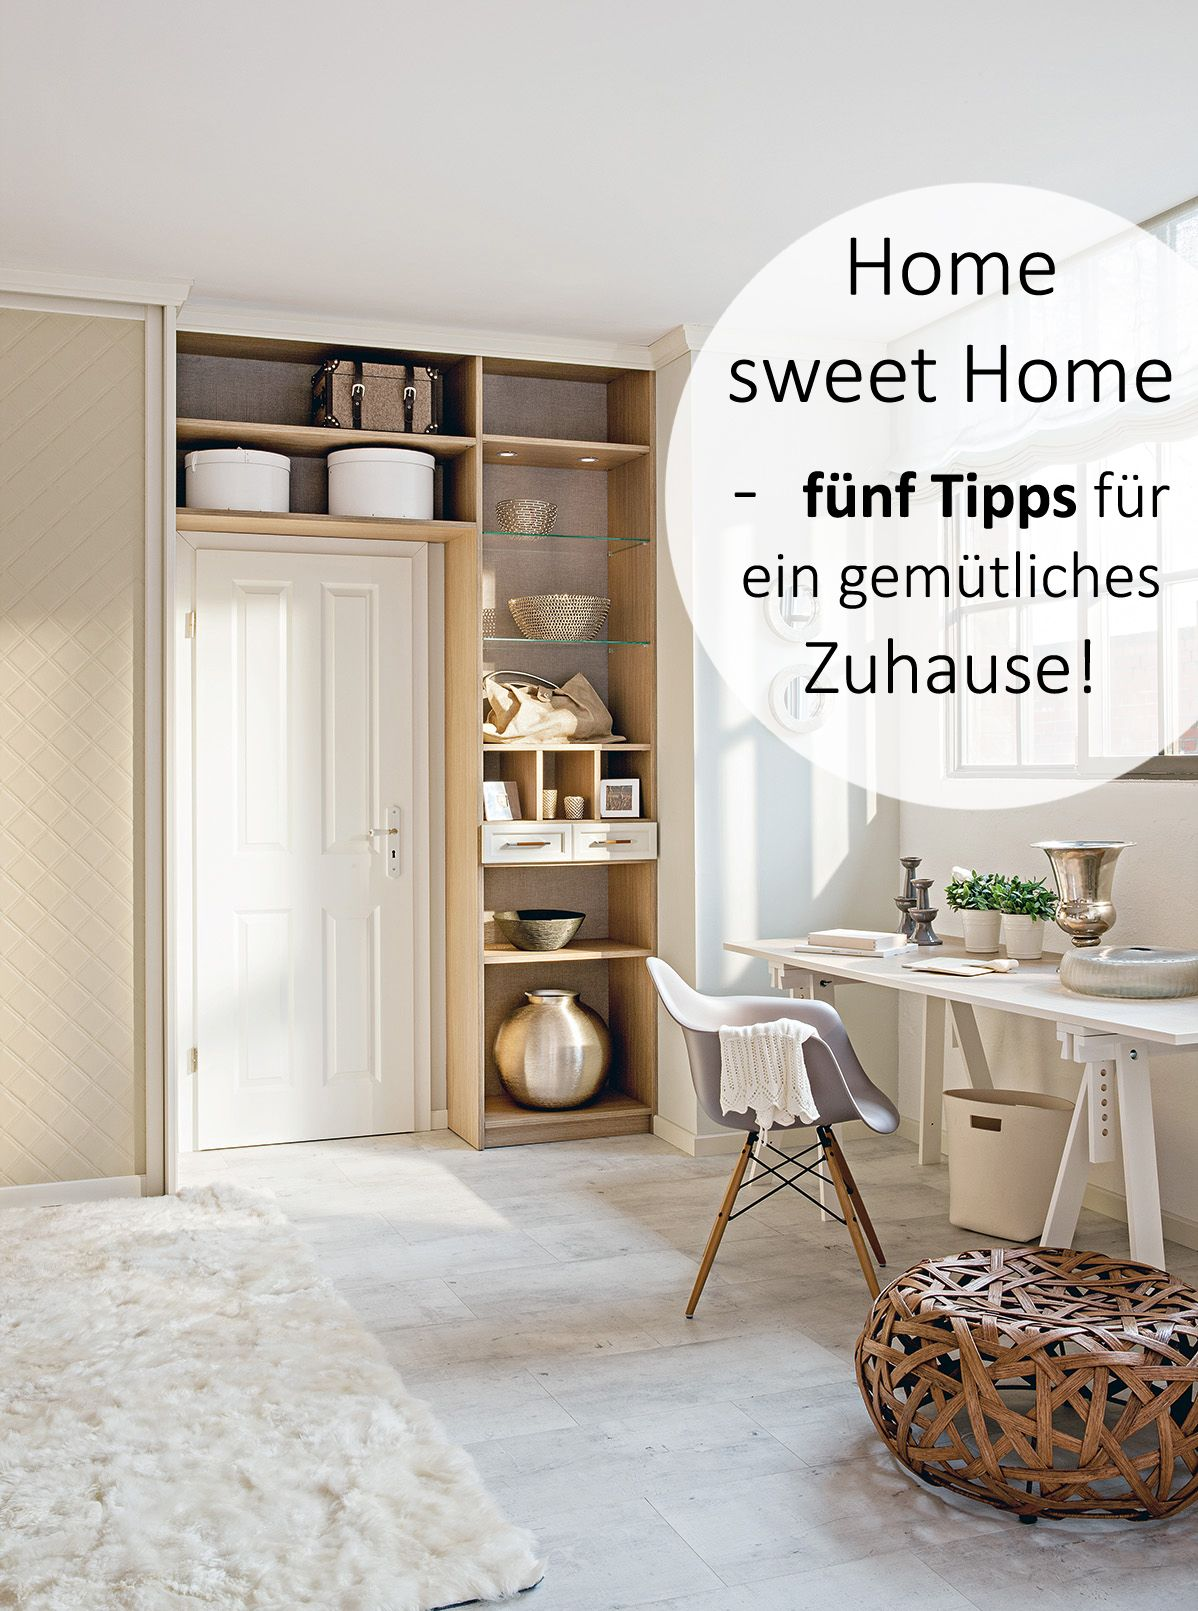 Tipps für ein gemütliches Zuhause   Zuhause, Tipps und praktische Tipps